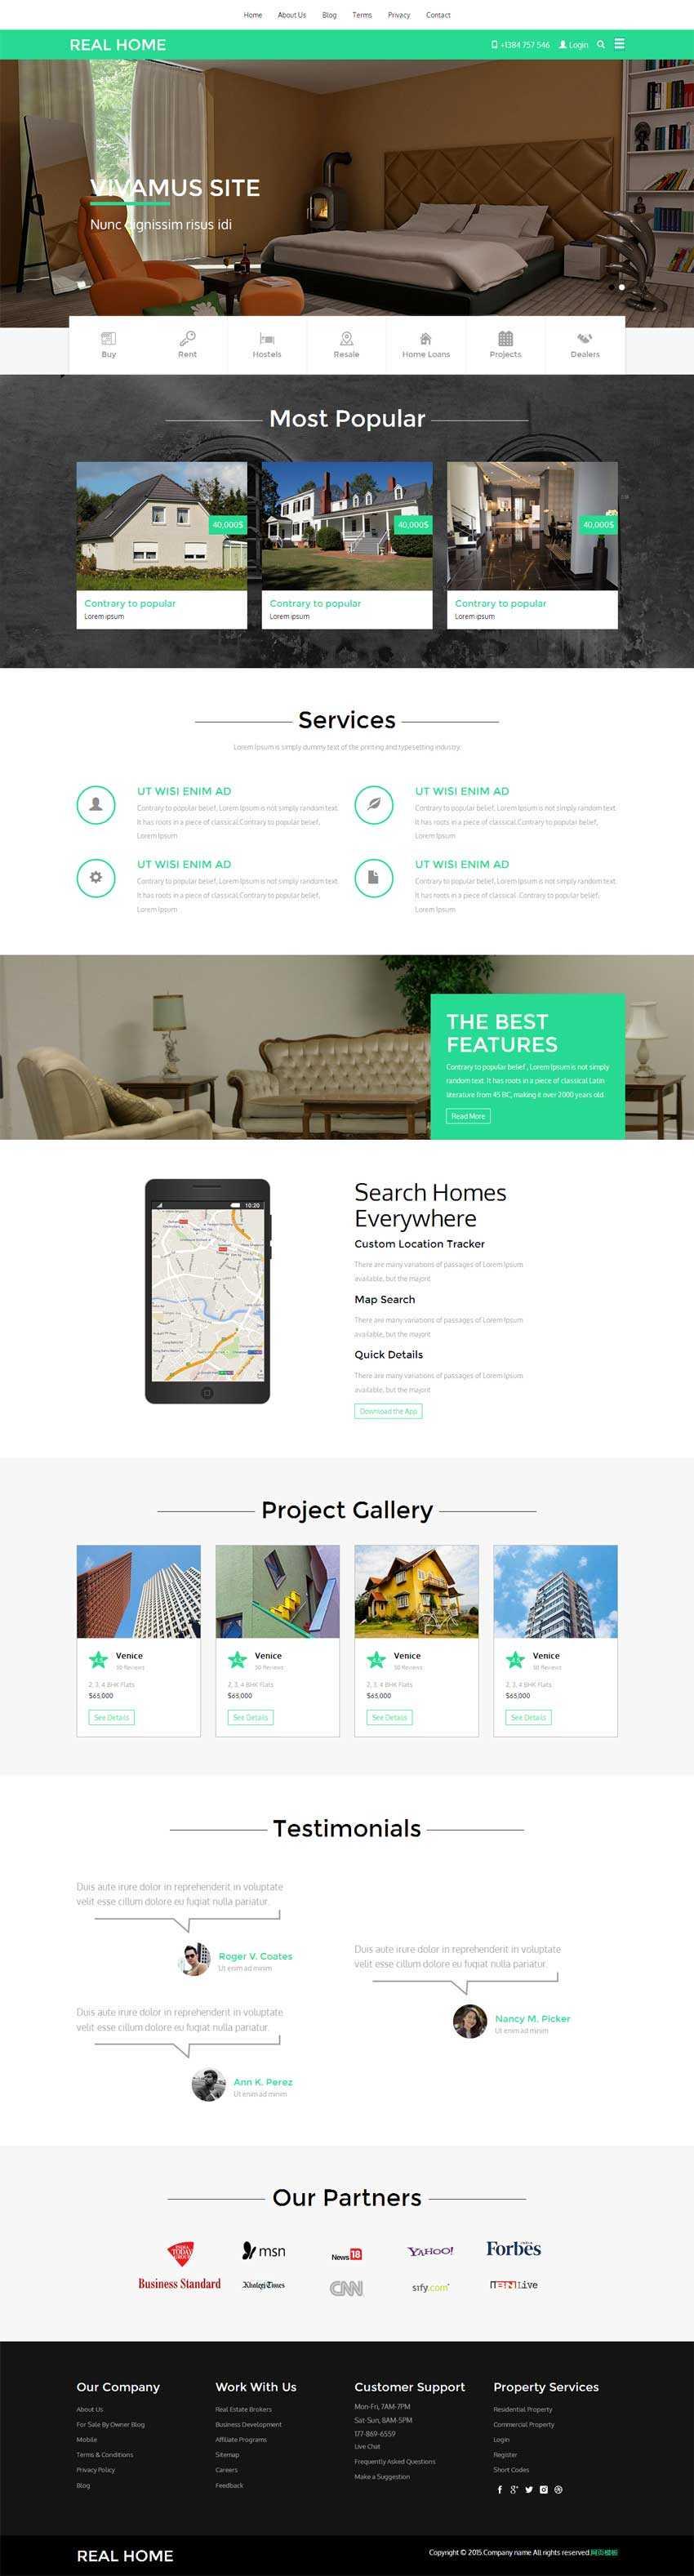 绿色的响应式房屋买卖网站bootstrap模板下载